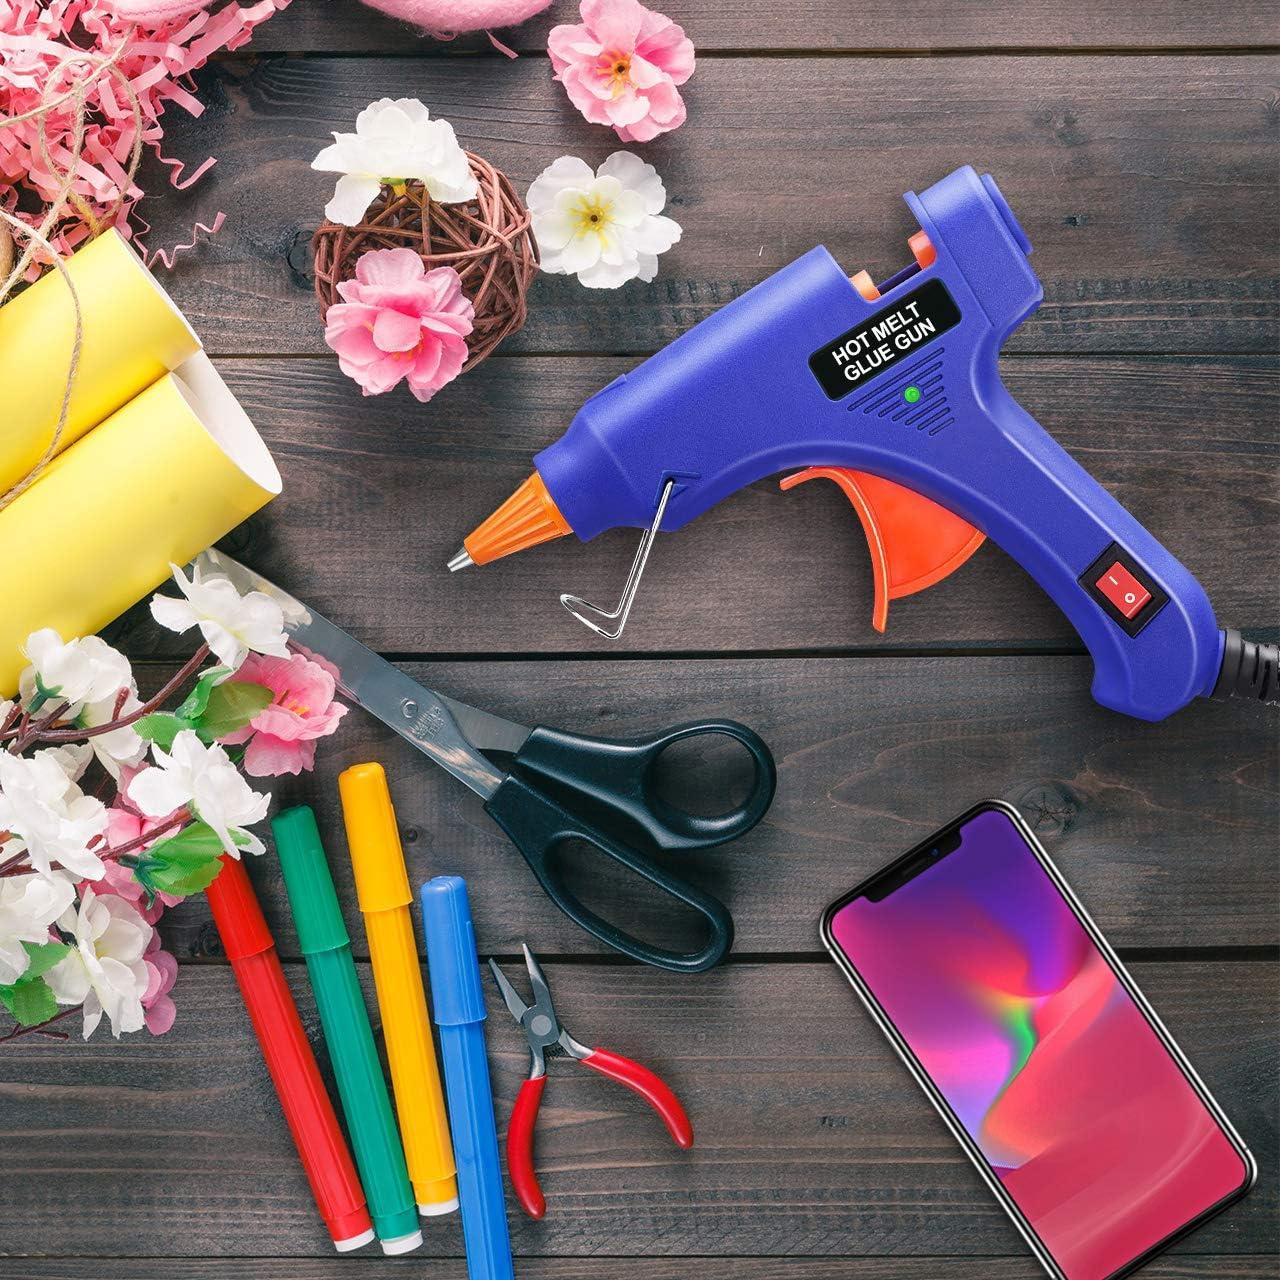 Mini Pistolet /à Colle Chaude 30 B/âtons avec Doigtier,Pistolet Colle Chauffrage Rapide et S/ûr pour Petits Bateaux Projets /& Package Bricolage et R/éparations Rapides dans Maison /& Bureau